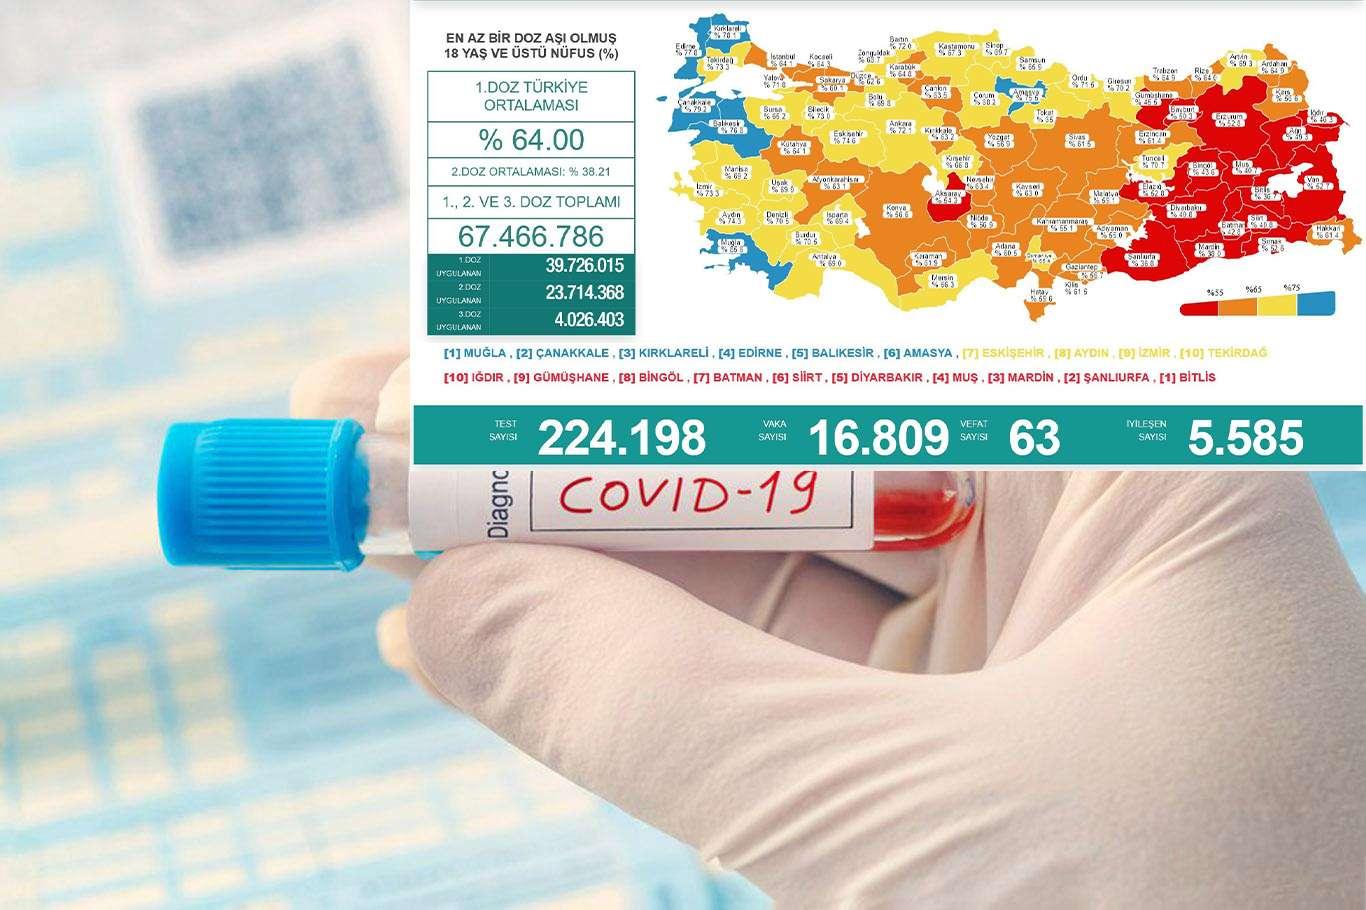 Türkiyede Covid-19 vaka ve vefat sayısı artıyor